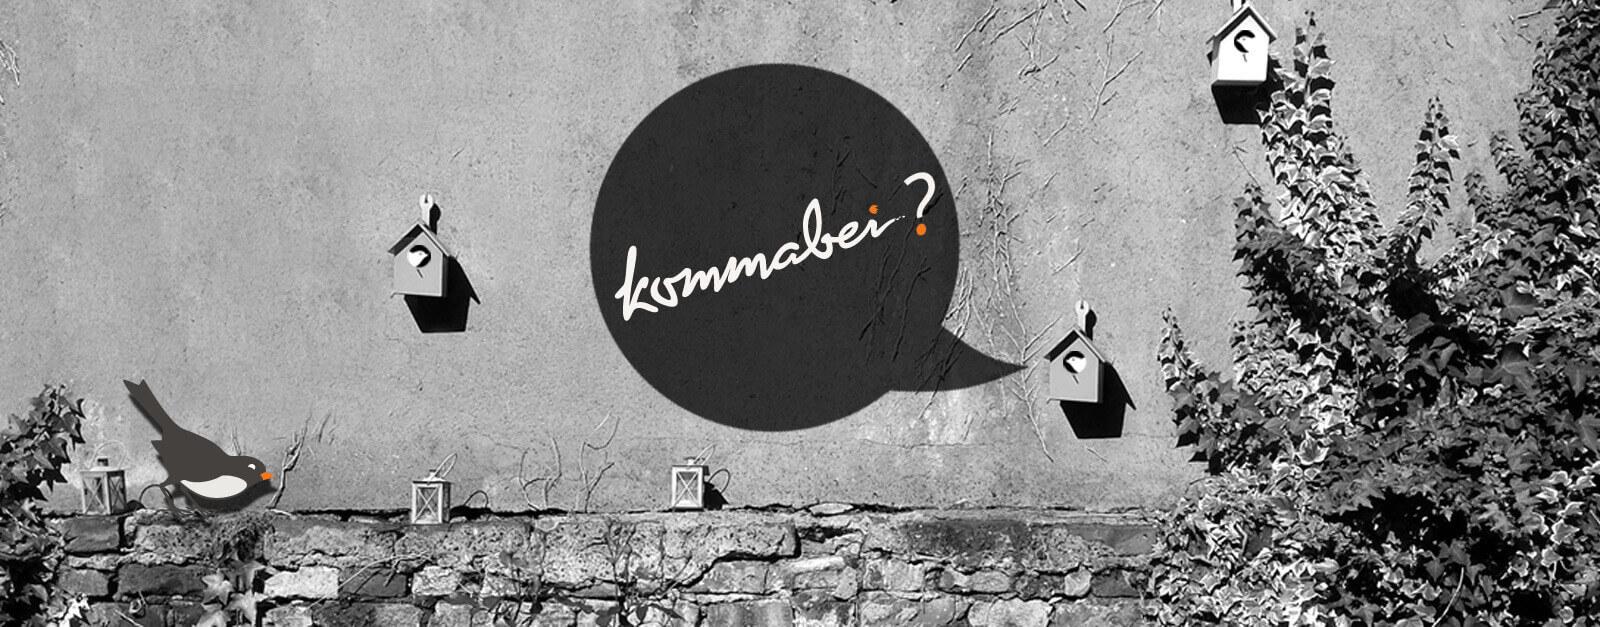 FAQ-Kommabei-Shop